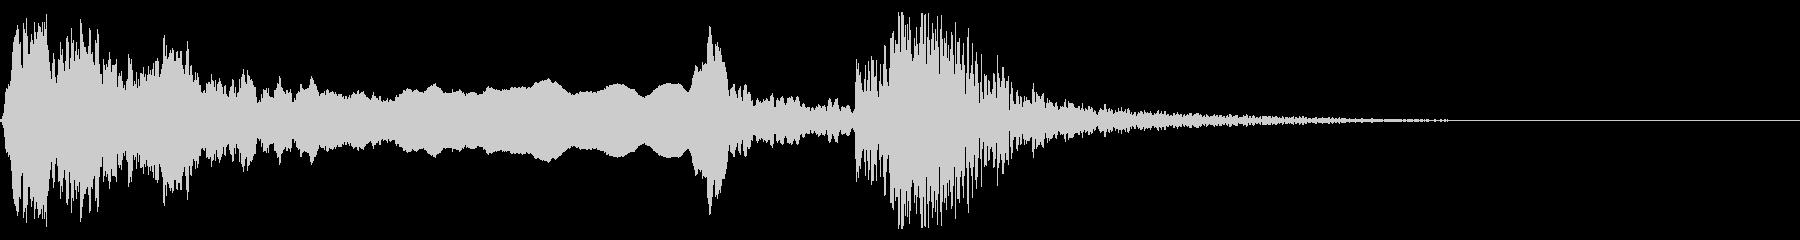 和風な歌舞伎の笛(能管)太鼓インパクト5の未再生の波形